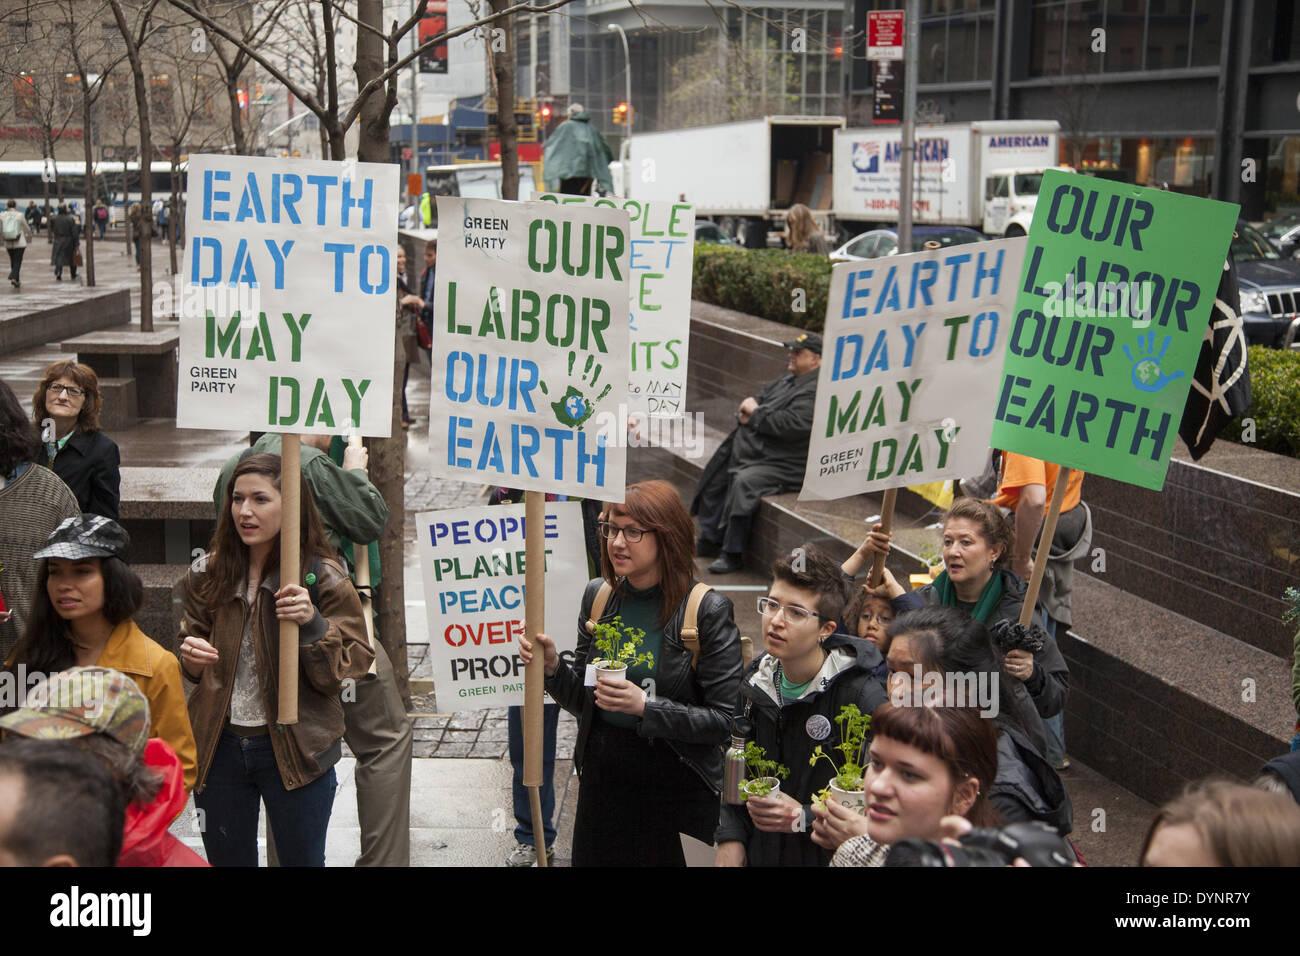 Nueva York, NY, EE.UU . 22 abr, 2014. Los activistas ambientales rally el día de la tierra en el parque Zuccotti, marzo de Wall Street para pedir el cambio del sistema y no del clima. El movimiento es todavía ocupan alrededor en NYC parece. Crédito: David Grossman/Alamy Live News Imagen De Stock